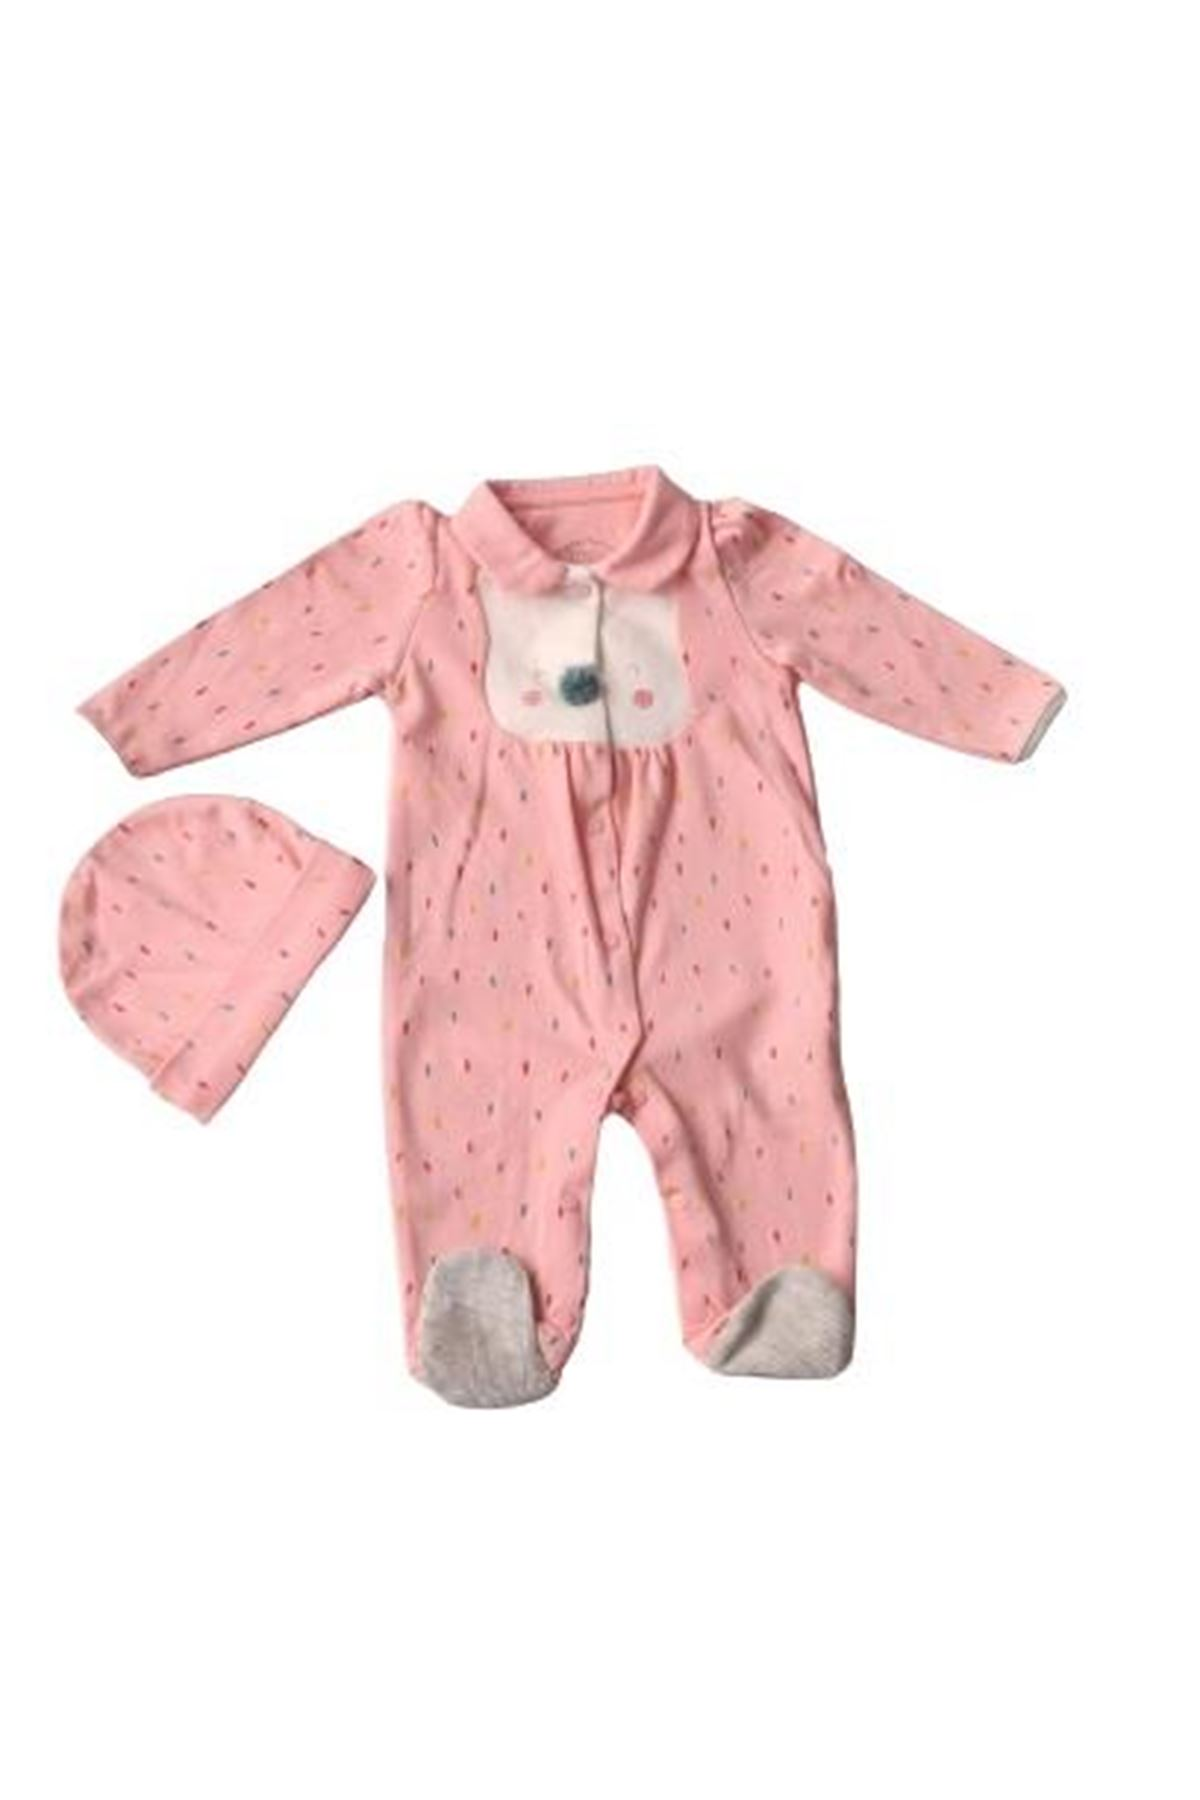 Tongs Baby Bebe Tulum 2640 Pembe